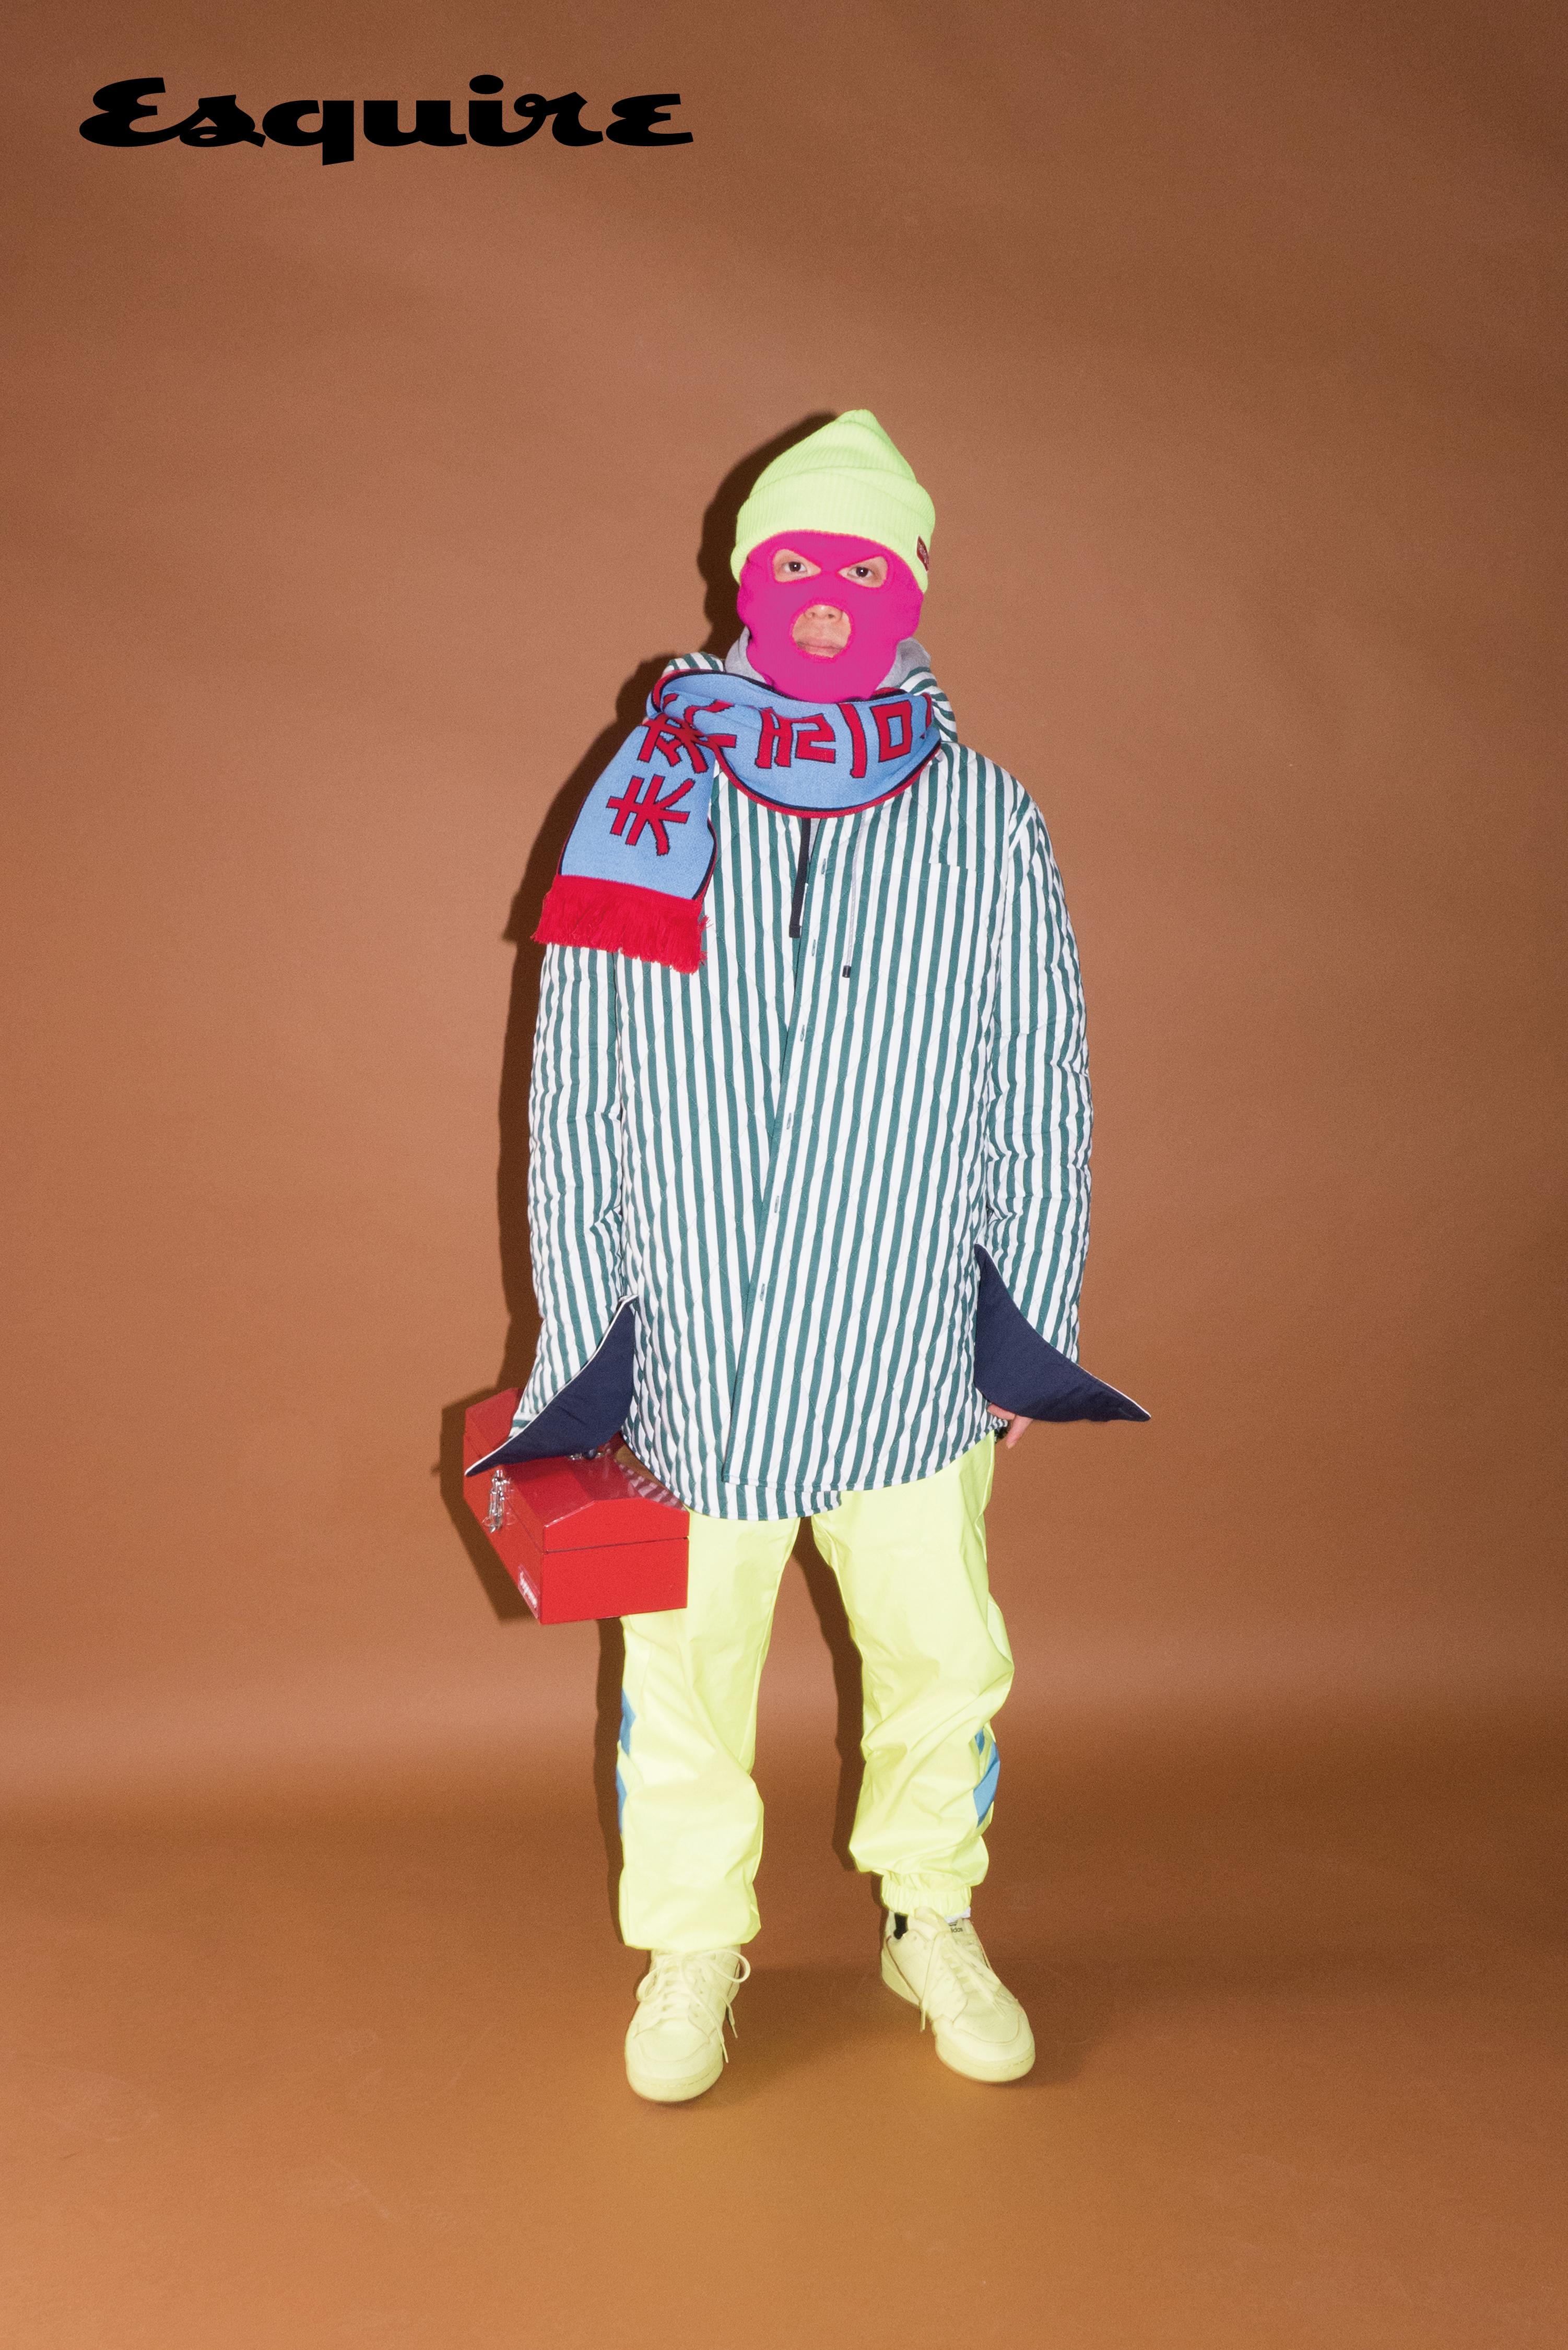 줄무늬 셔츠 노앙. 회색 후드 티셔츠 나이키. 바지, 비니 모두 마하그리드. 스니커즈 아디다스 오리지널스. 머플러 유즈드 퓨처.양말 오프화이트. 분홍색 비니는 마미손 소장품.